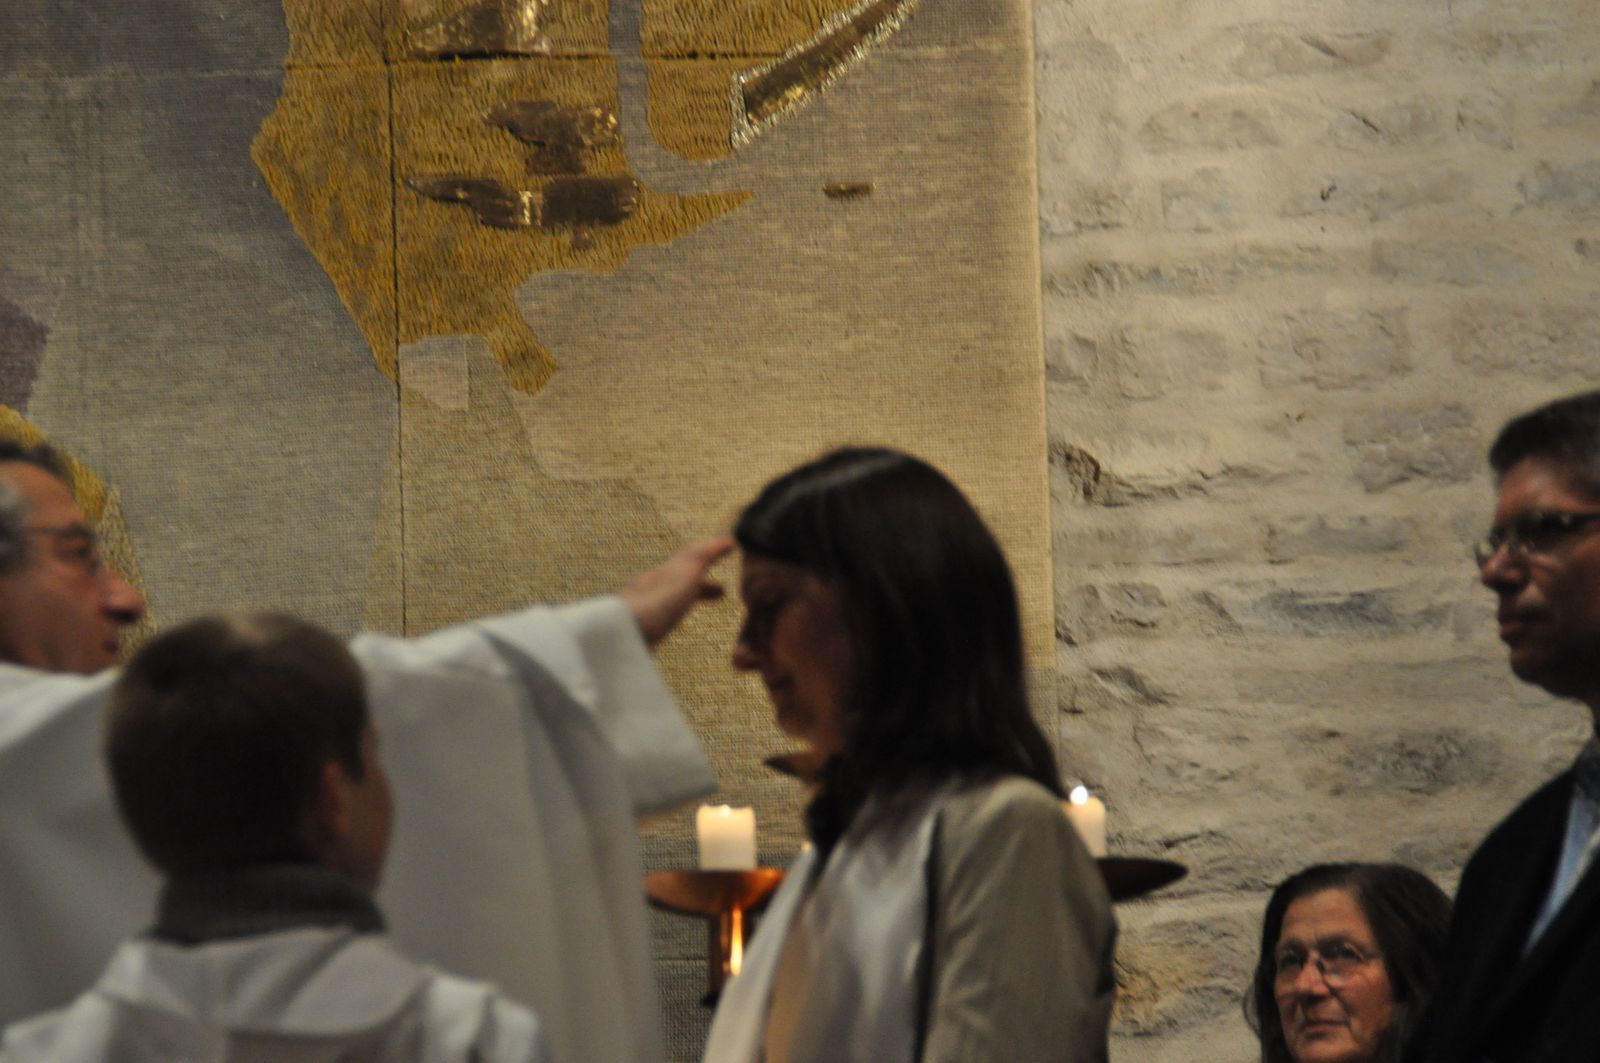 Après le baptême elles ont reçu le sacrement de confirmation puis de l'eucharistie.